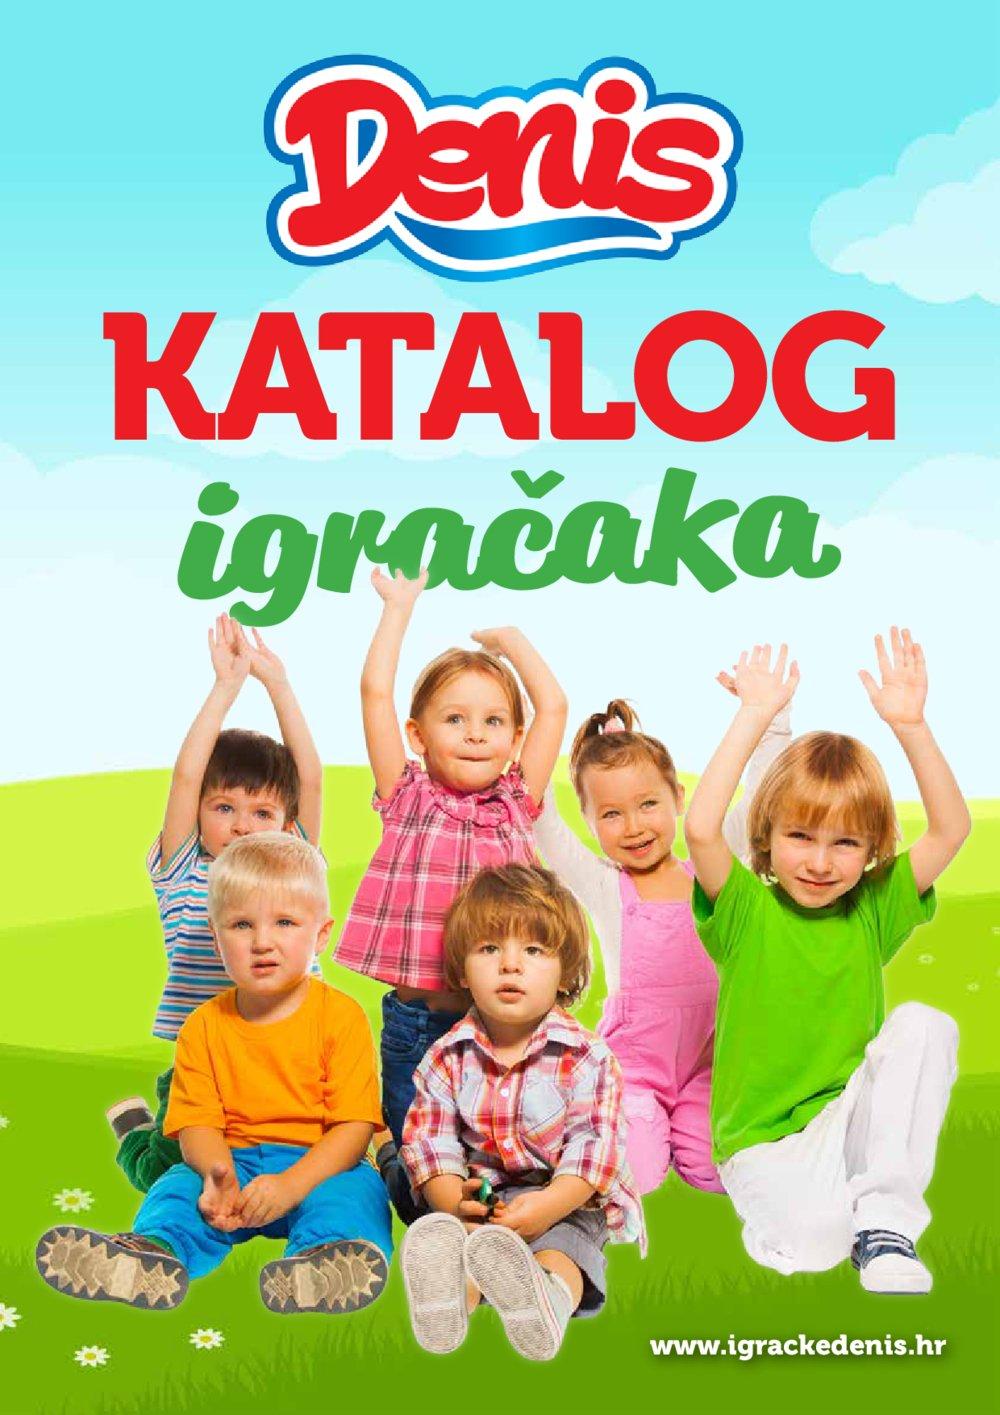 Eurom Denis katalog Igračke 04.04.-30.04.2018.